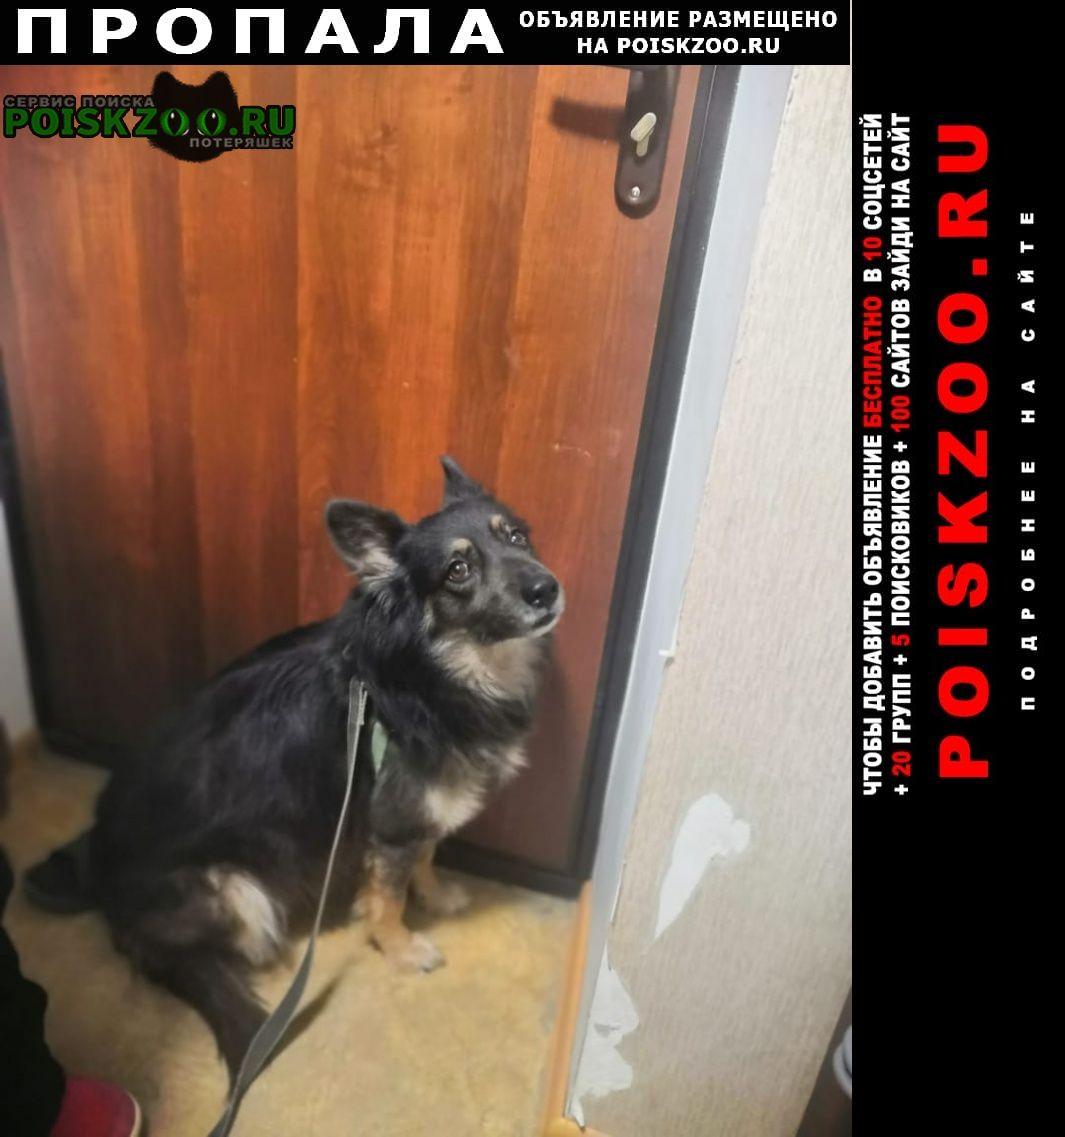 Дубовка (Волгоградская обл.) Пропала собака